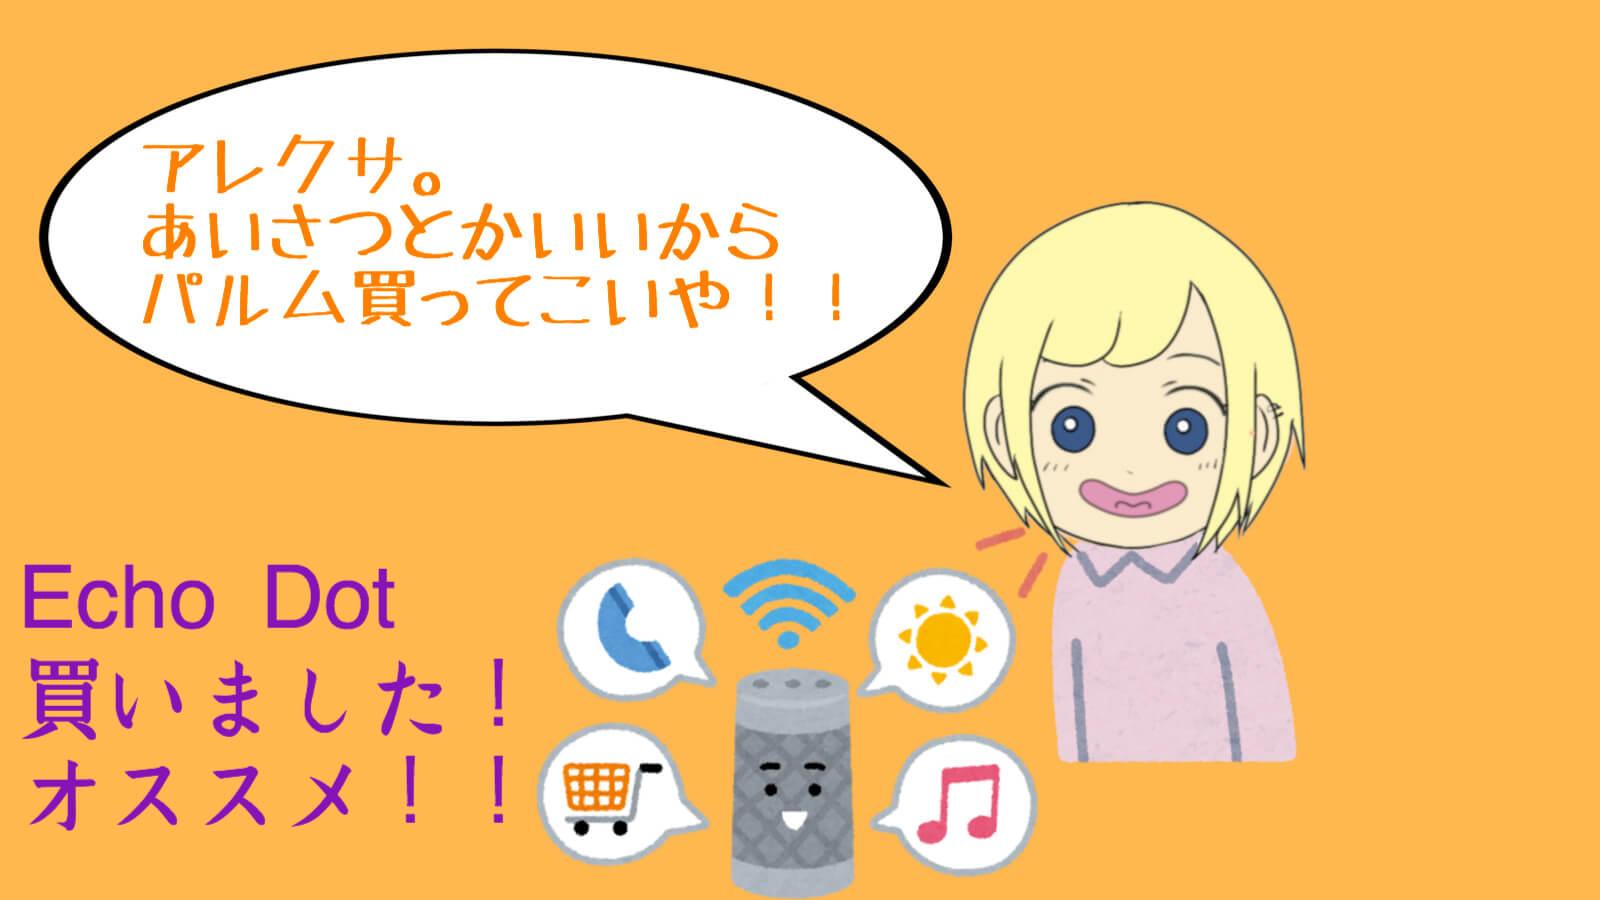 【プライムデーに購入】「Echo Dot(エコードット)」を使ってみた